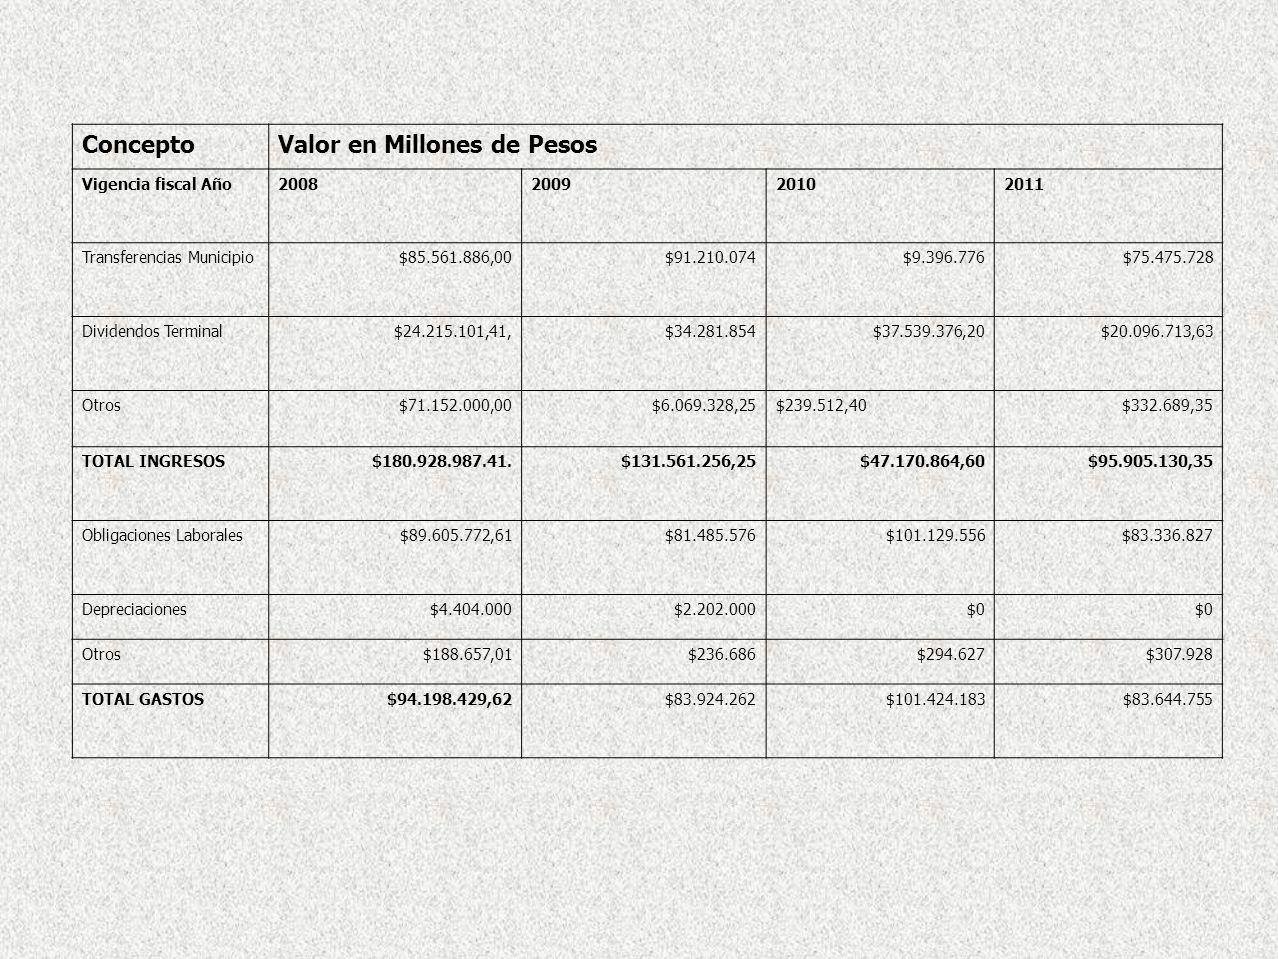 ConceptoValor en Millones de Pesos Vigencia fiscal Año2008200920102011 Transferencias Municipio$85.561.886,00$91.210.074$9.396.776$75.475.728 Dividend